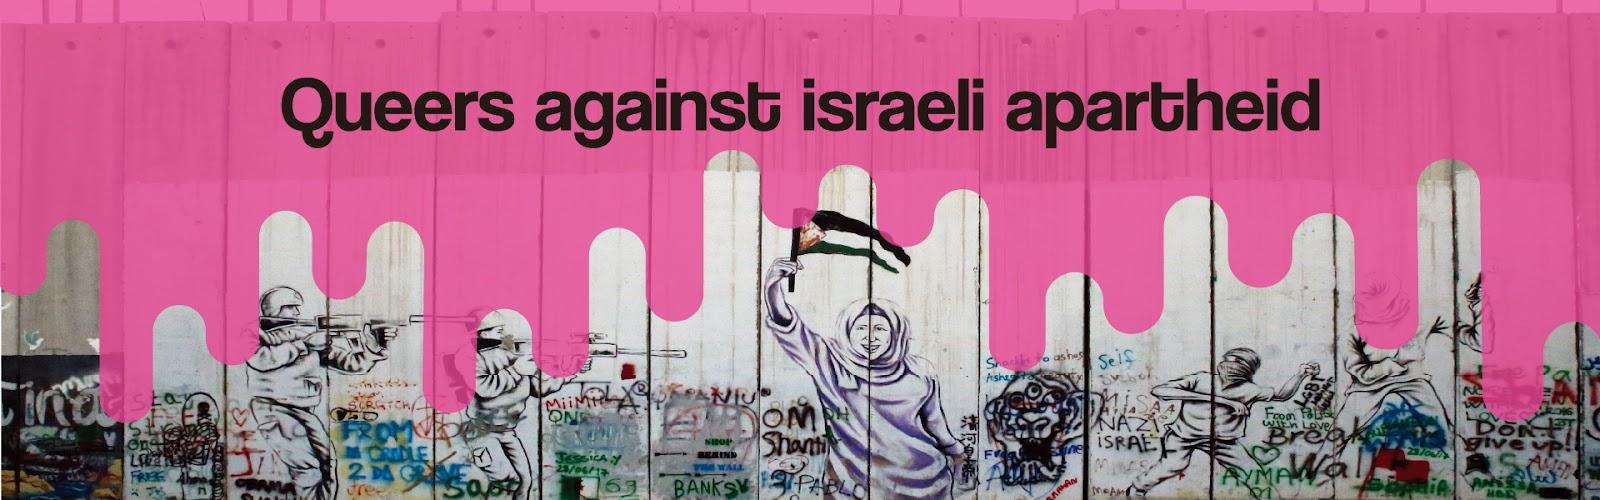 """이미지. 분리장벽 사진 위에 핑크색 칠이 위에서부터 아래로 흐른다. 핑크색 칠 부분에는 """"Queers against Israeli apartheid""""(이스라엘의 아파르트헤이트에 저항하는 퀴어들)라는 글씨가 있다. 분리장벽에는 이스라엘 군인이 팔레스타인 깃발을 든 팔레스타인 사람을 향해 장총을 조준하고 있는 그래피티가 그려져 있다."""